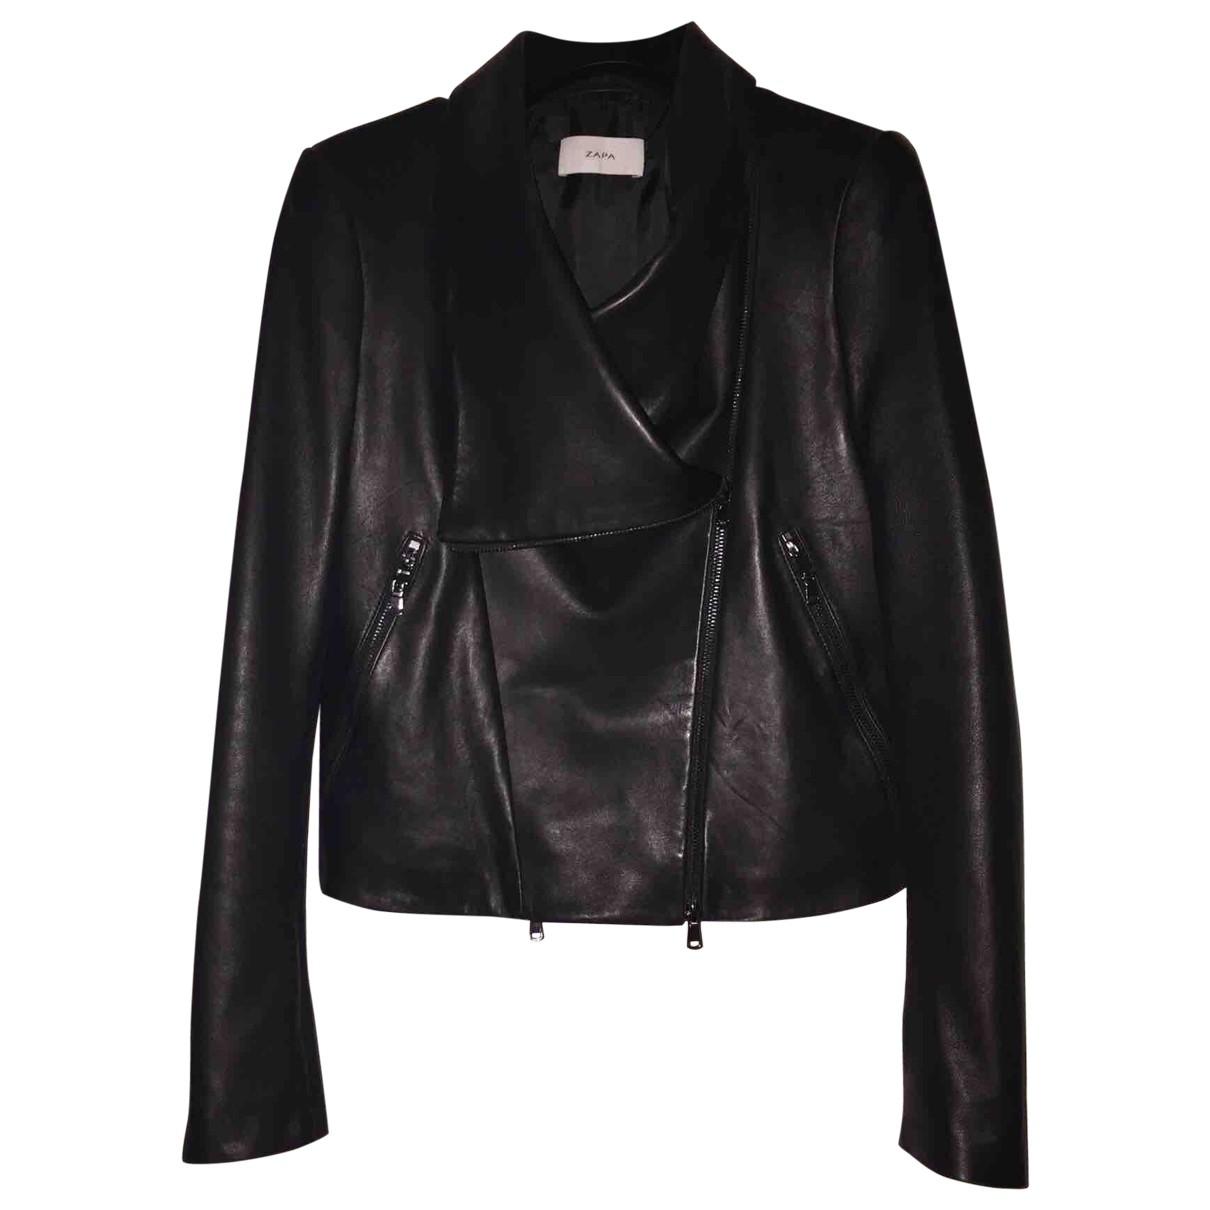 Zapa - Blouson   pour femme en cuir - noir